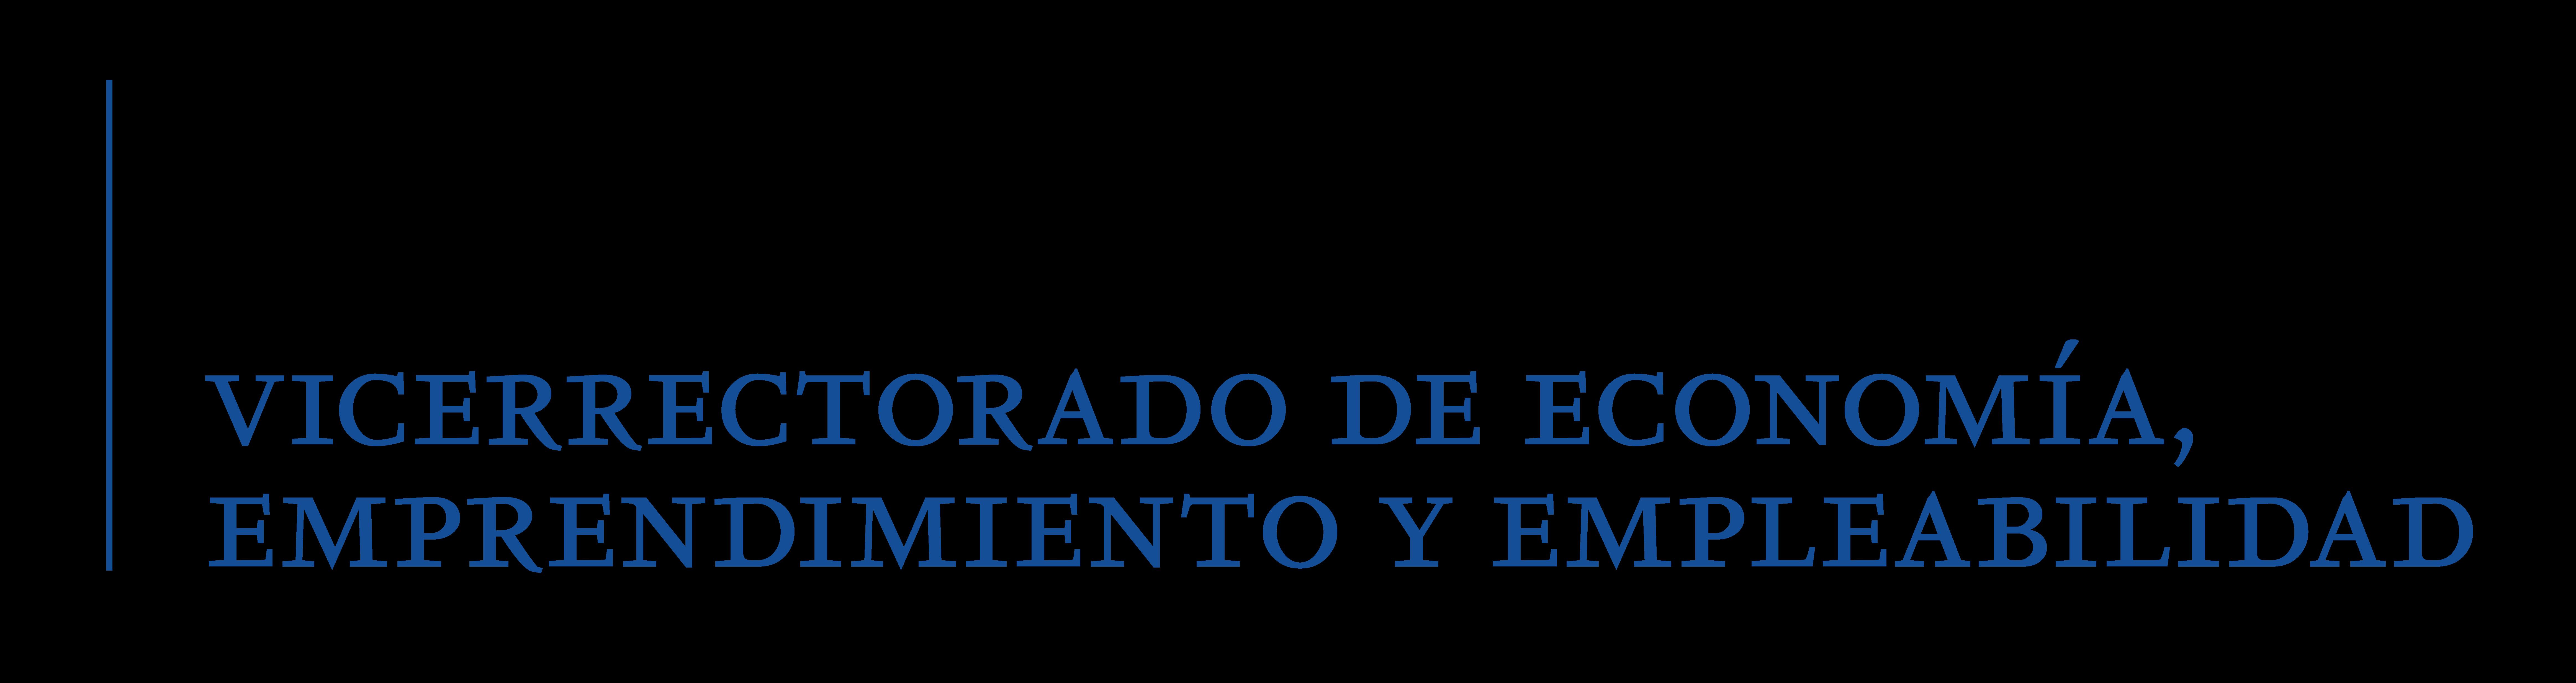 Vicerrectorado de Economía, Emprendimiento y Empleabilidad